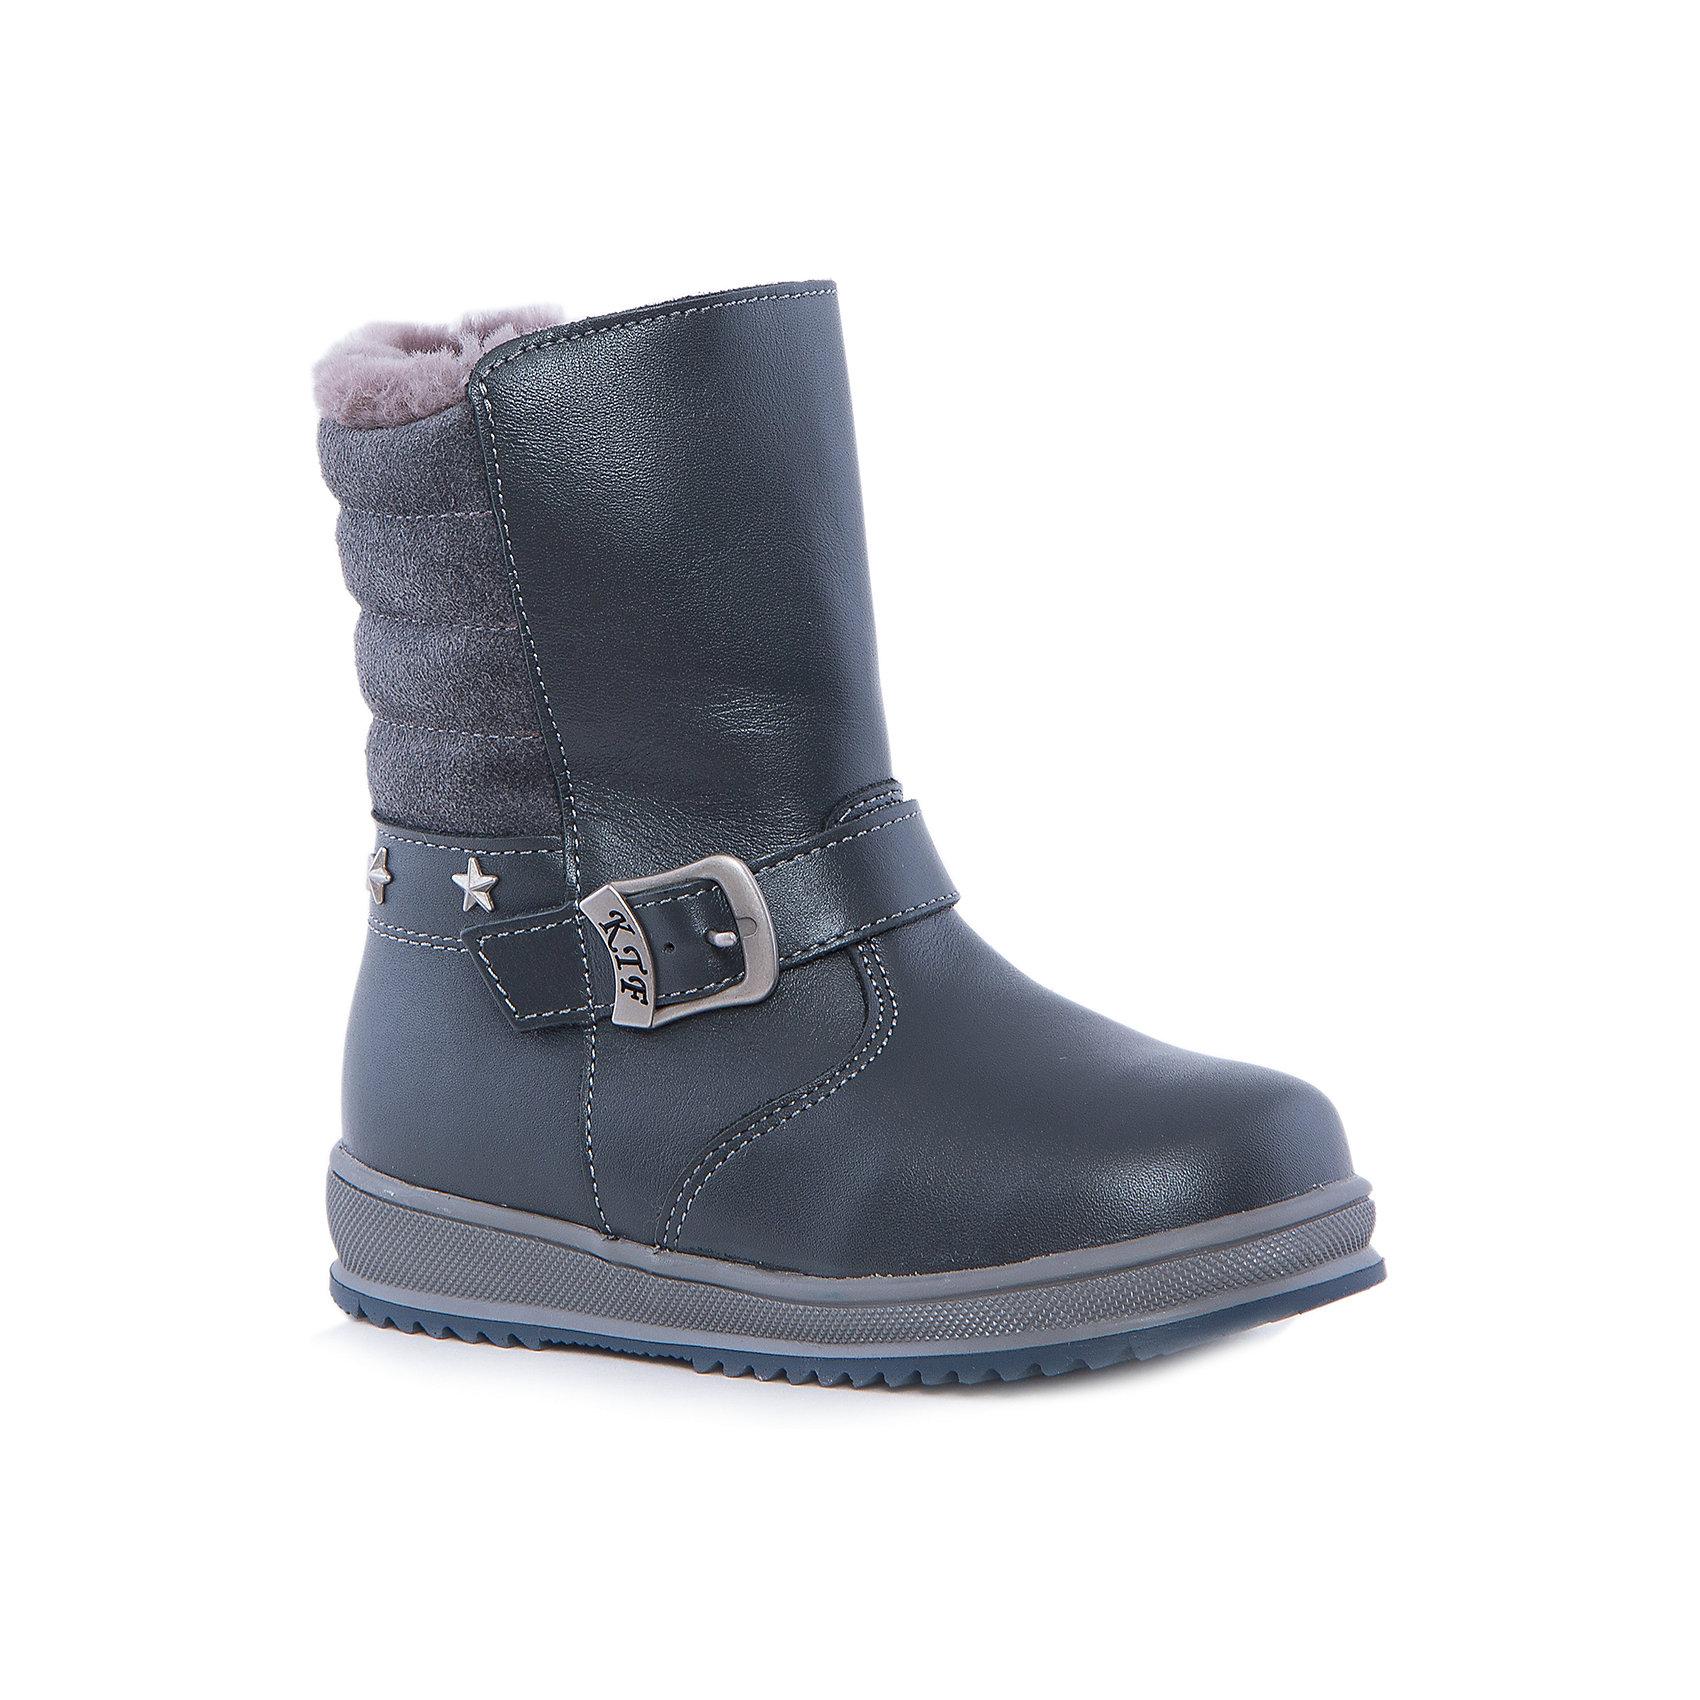 Сапоги для мальчика КотофейСапоги<br>Котофей – качественная и стильная детская обувь по доступным ценам. С каждым днем популярность бренда растет.  Сапожки – универсальная обувь для холодов, как для мальчиков, так и для девочек. Новая модель – сочетание проверенной классической формы сапог и модных деталей в виде пряжки и пошива. Кожа и замша вместе создают стильный образ сапог. Натуральные материалы отвечают всем требованиям по безопасности.<br><br>Дополнительная информация:<br><br>цвет: серый;<br>вид крепления: на клею;<br>застежка: молния;<br>температурный режим: от -15 °С до +5° С.<br><br>Состав:<br>материал верха – кожа;<br>материал подклада – натуральная овчина;<br>подошва – ТЭП.<br><br>Зимние сапожки из натуральной кожи для мальчика дошкольного возраста от фирмы Котофей можно купить в нашем магазине.<br><br>Ширина мм: 257<br>Глубина мм: 180<br>Высота мм: 130<br>Вес г: 420<br>Цвет: серый<br>Возраст от месяцев: 36<br>Возраст до месяцев: 48<br>Пол: Мужской<br>Возраст: Детский<br>Размер: 27,31,30,29,28<br>SKU: 4982202